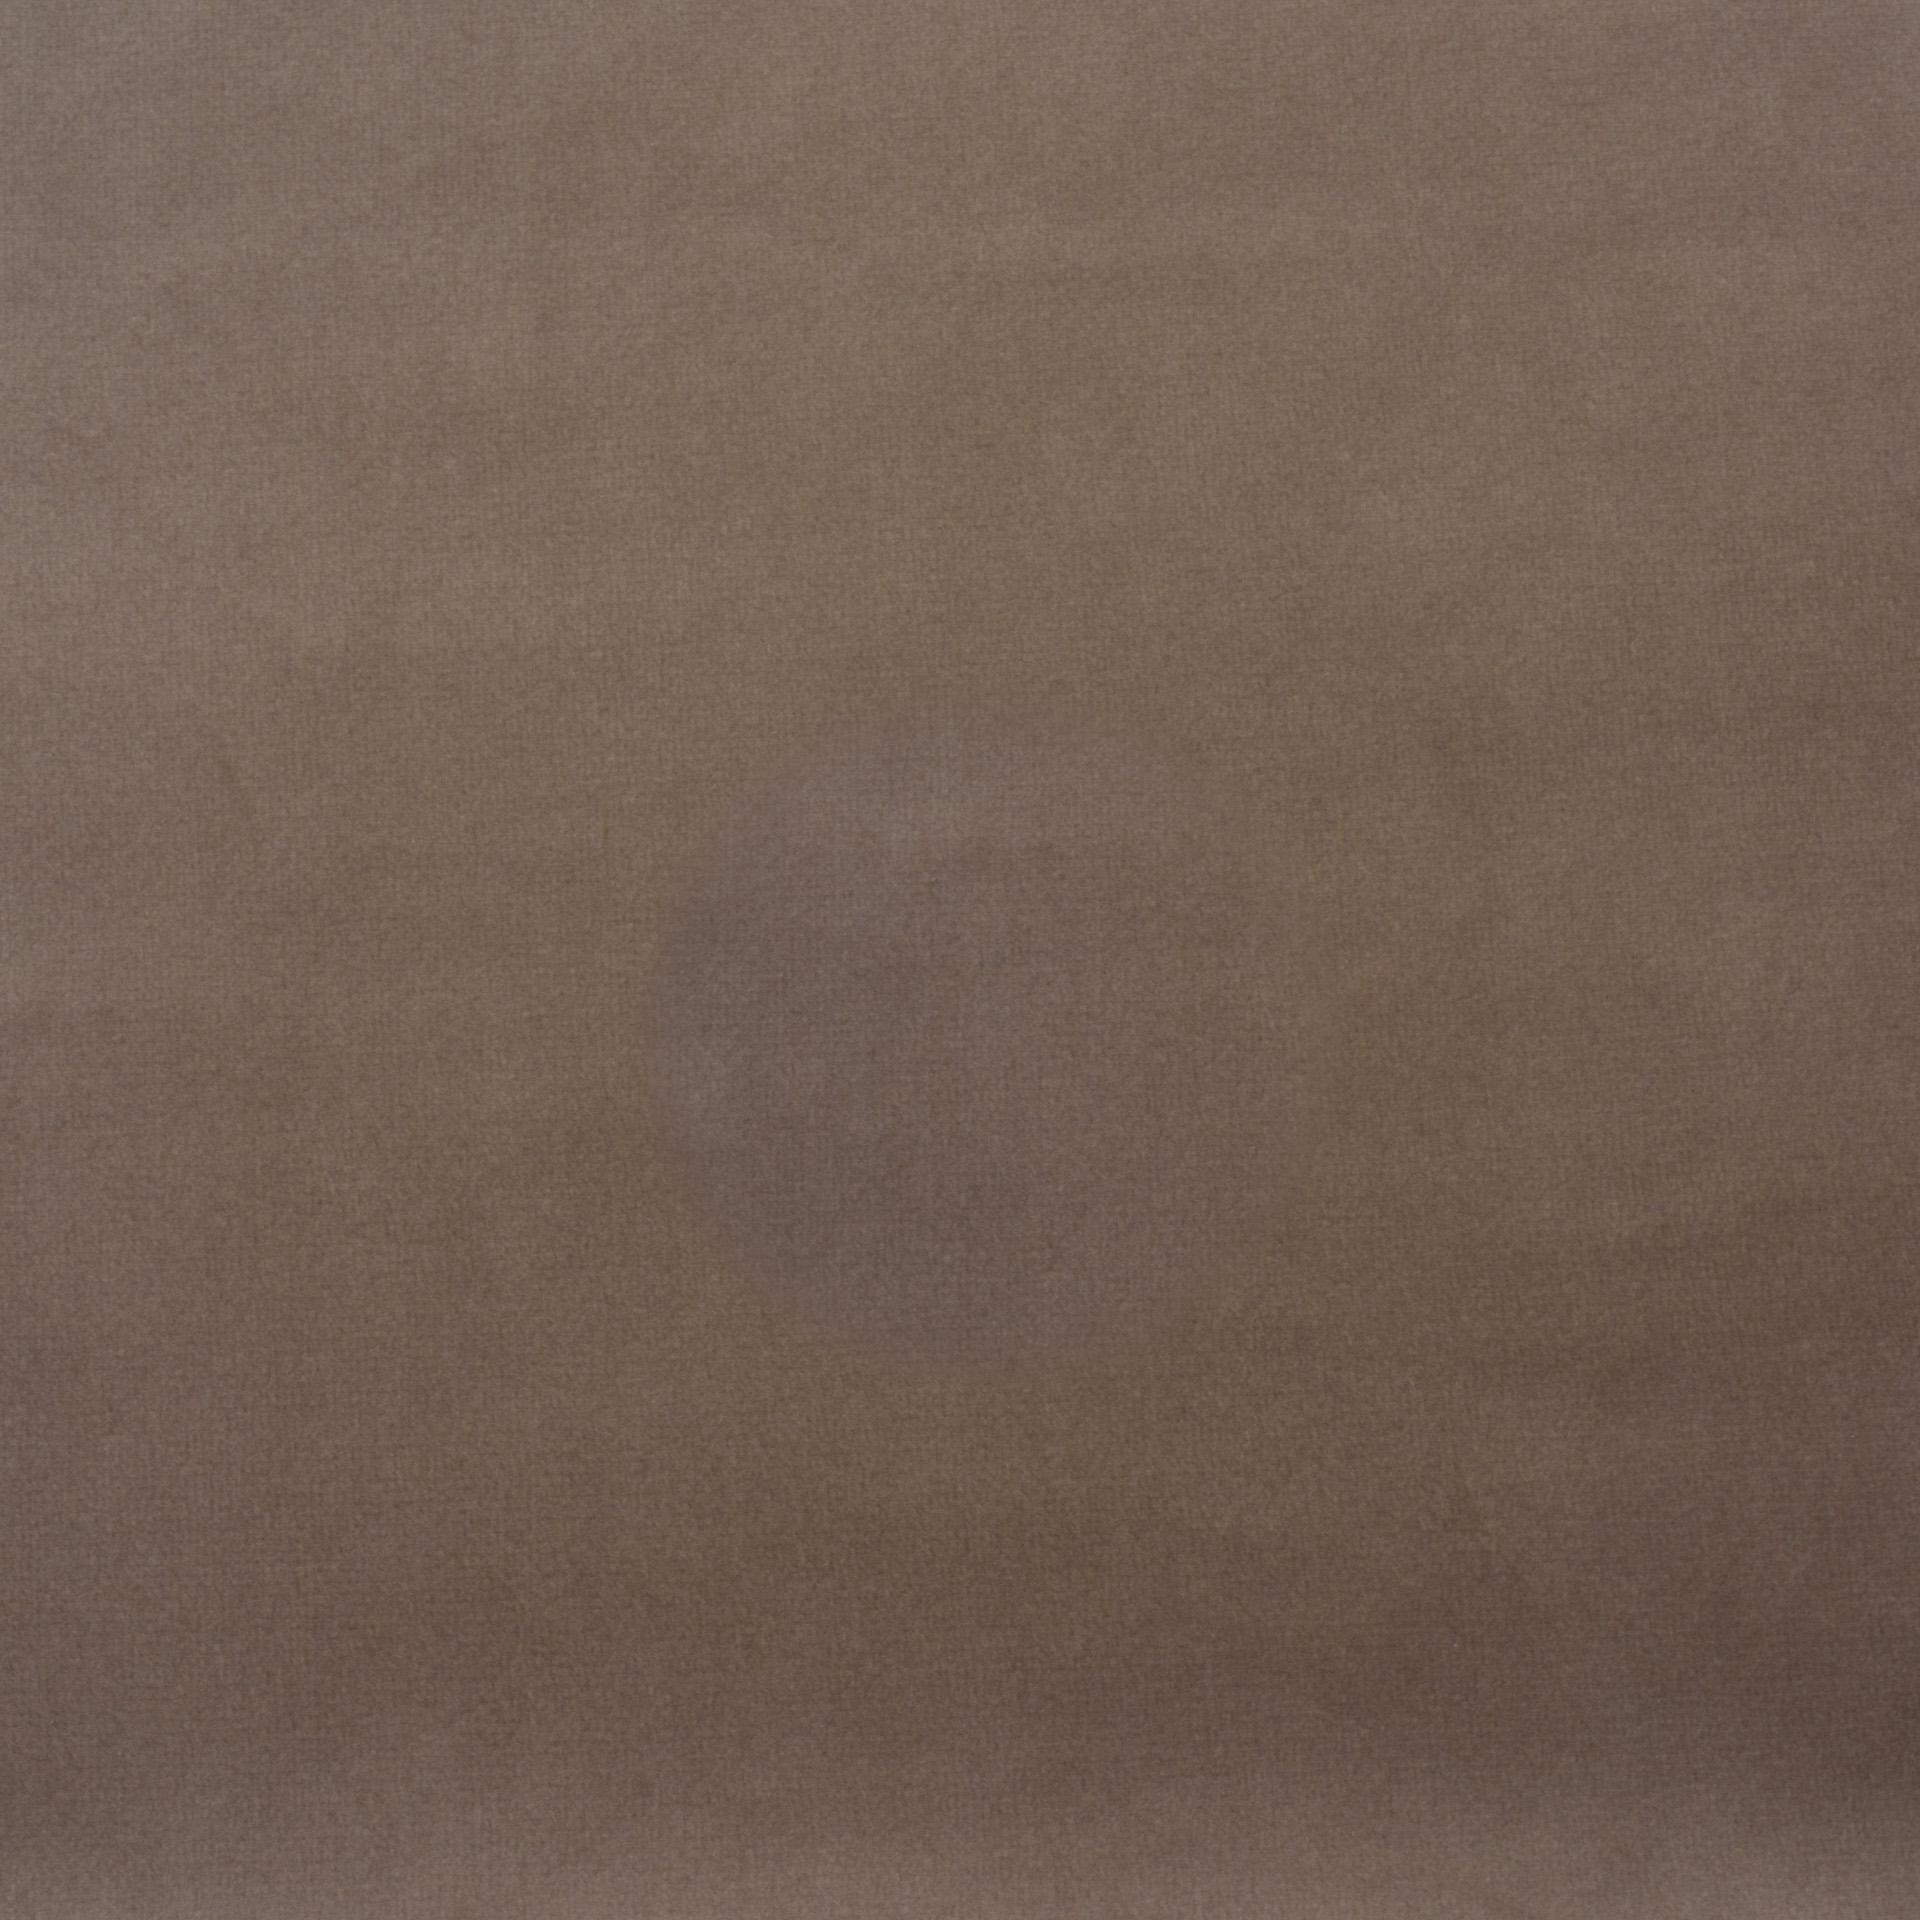 Коллекция ткани Альмира 02 SOFT COFFEE,  купить ткань Велюр для мебели Украина